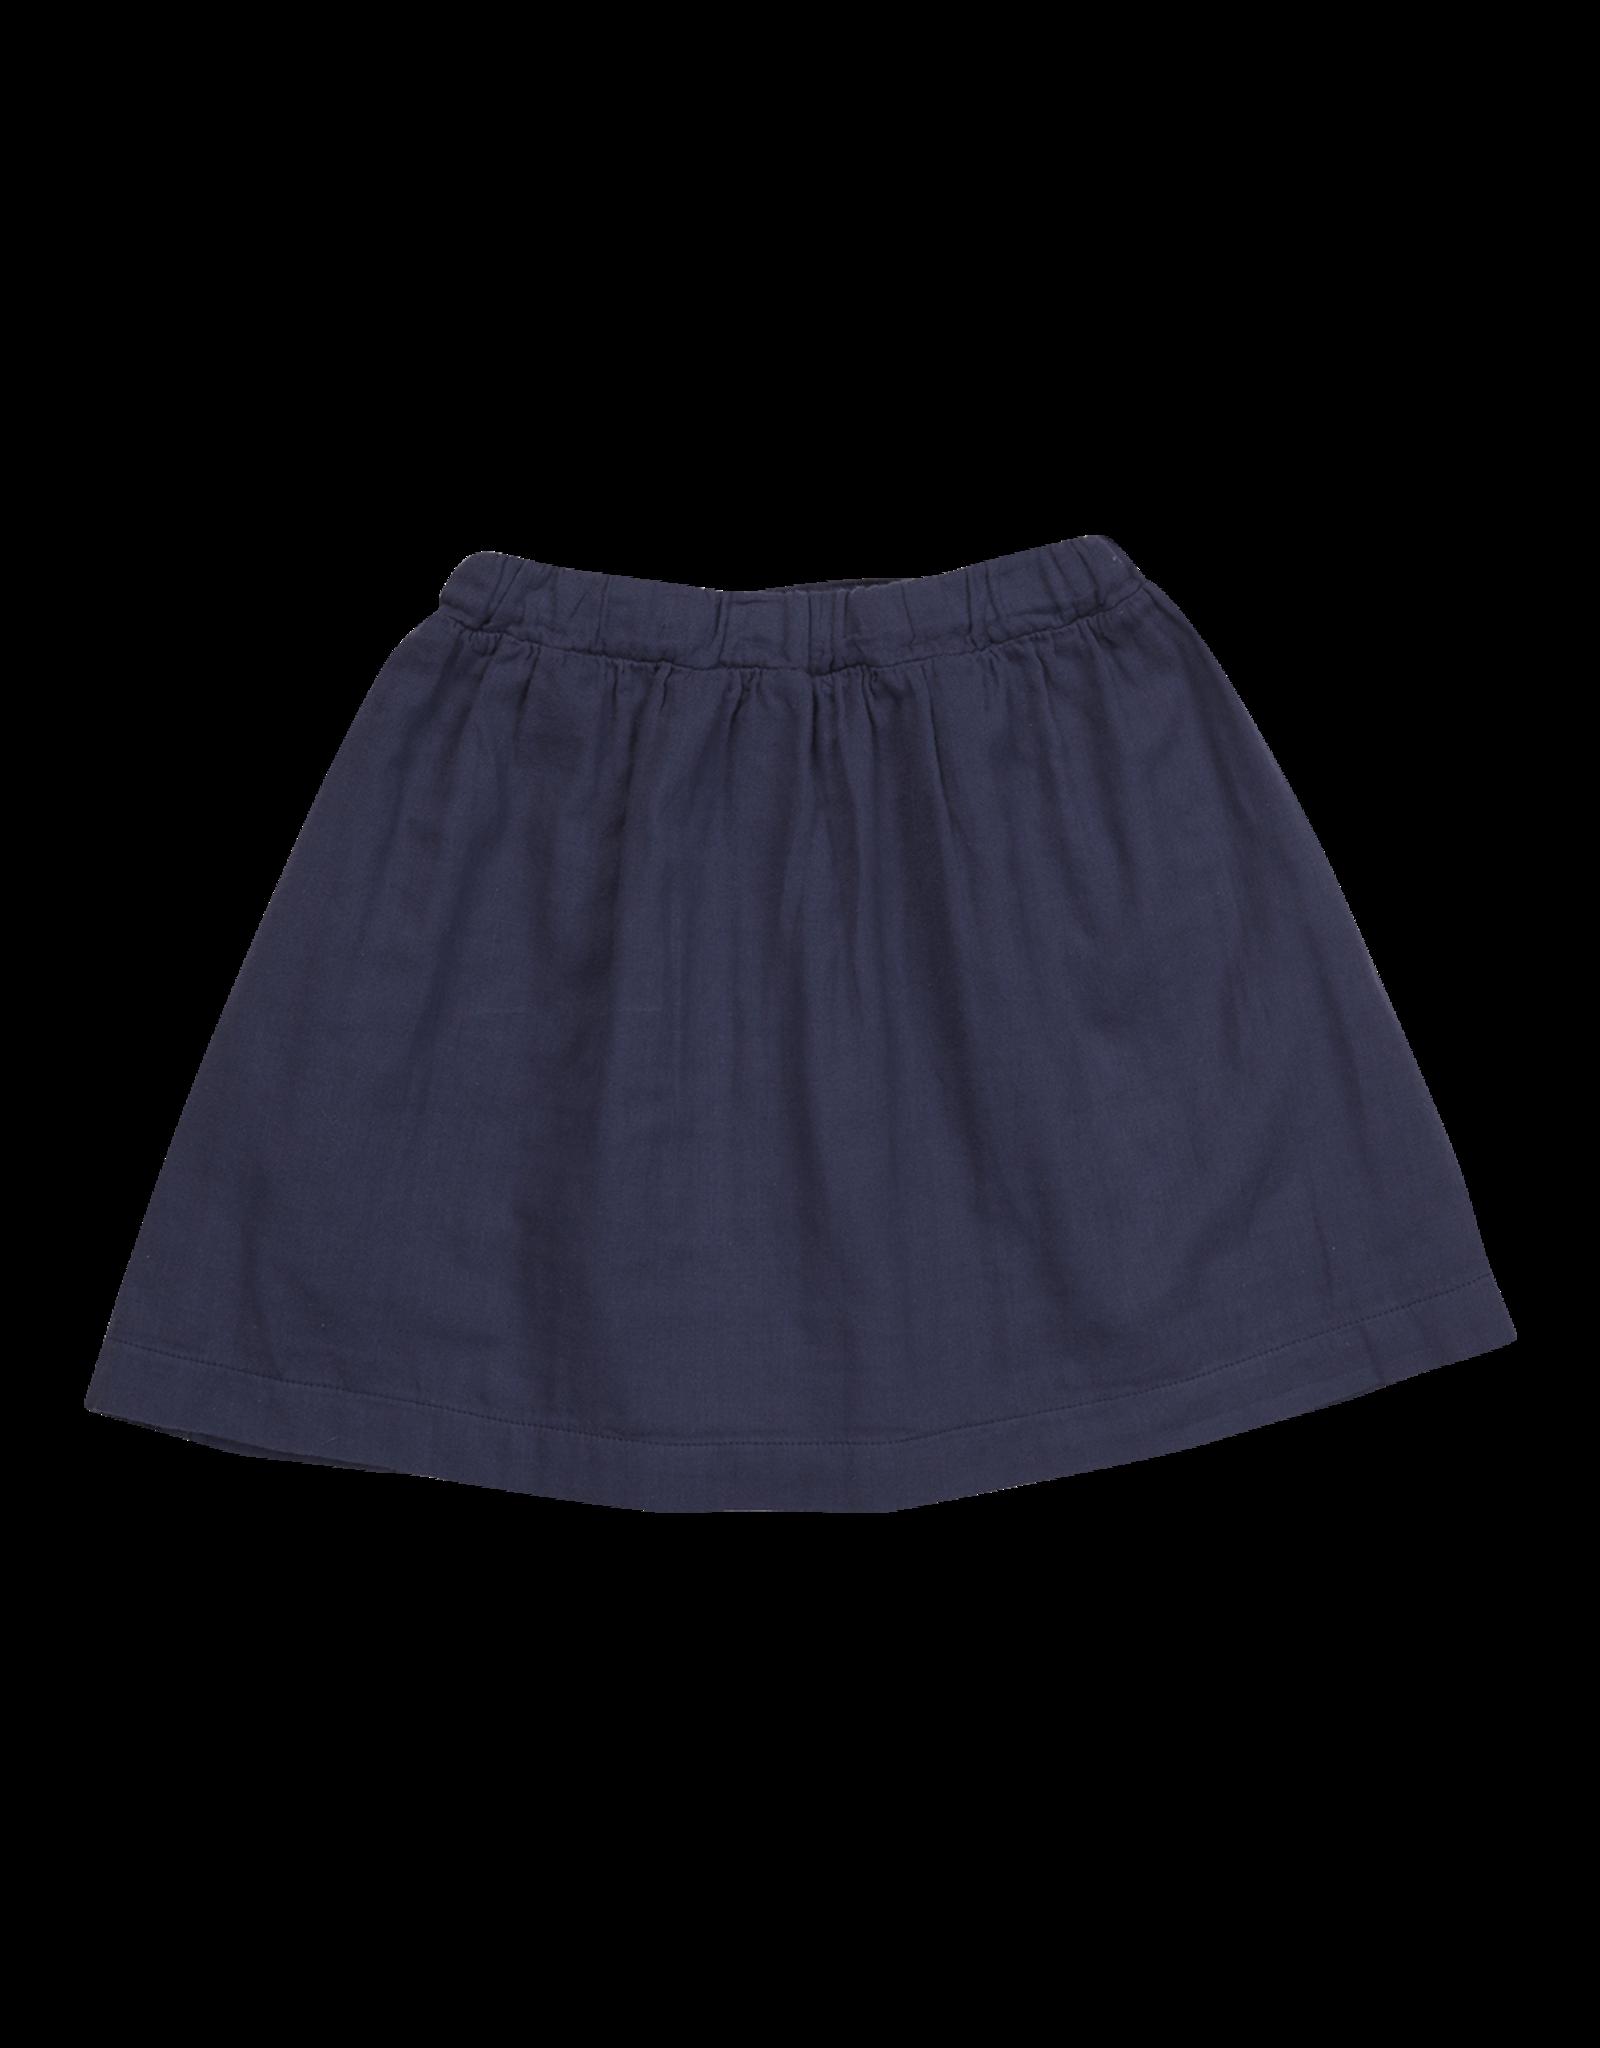 Blossom Kids BK - Skirt - Royal Blue